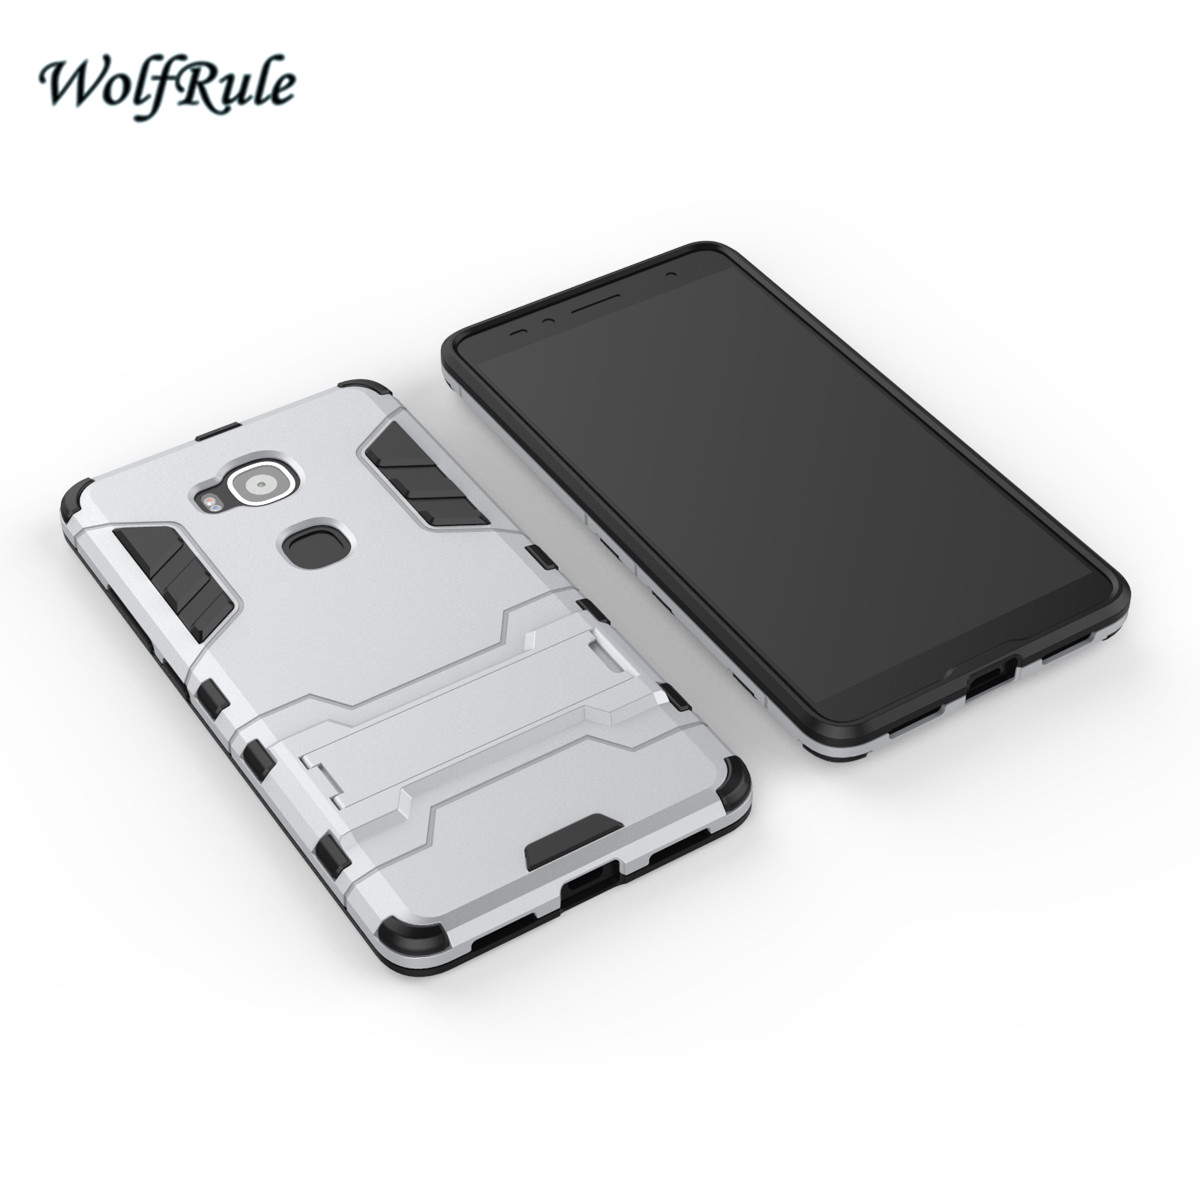 WolfRule Anti-knock Case Huawei G8 Cover Soft Rubber + Hybrid Plastic - Reservdelar och tillbehör för mobiltelefoner - Foto 5